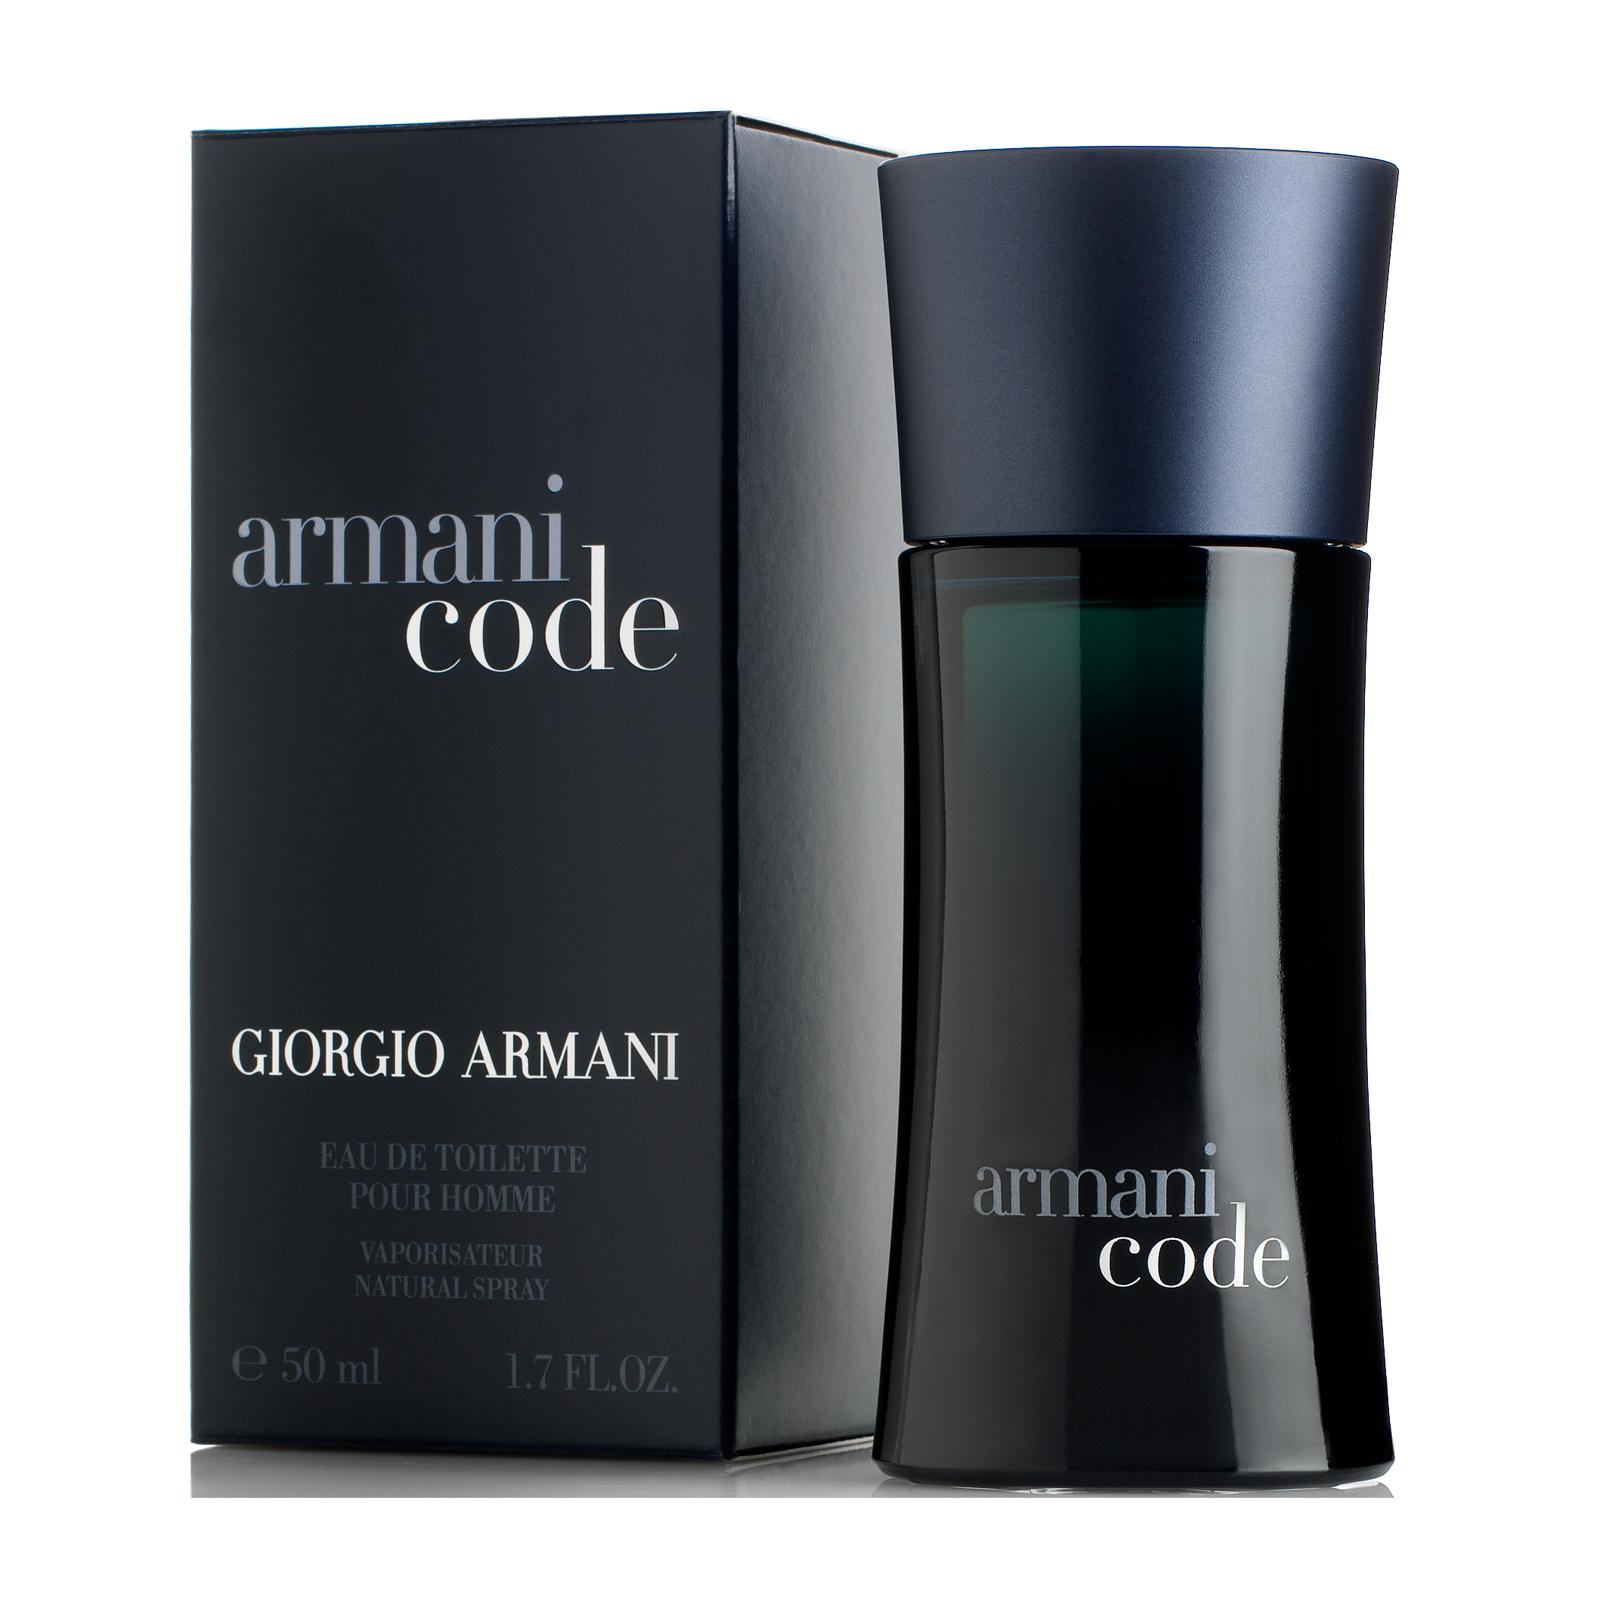 Perfume-Armani-Code-Giorgio-Armani